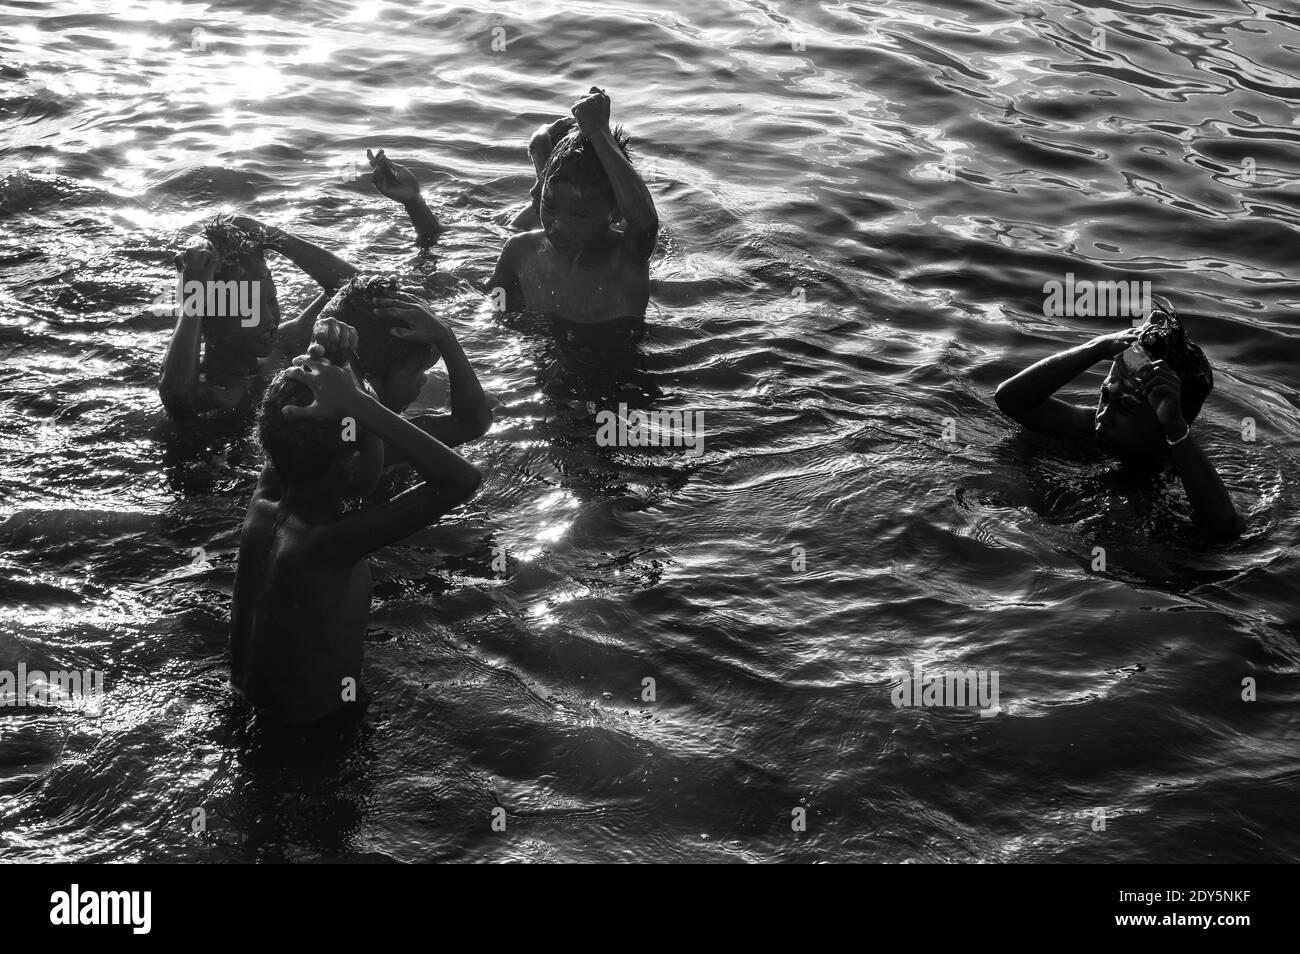 Skinny dipping ymca Natatorium: 1938